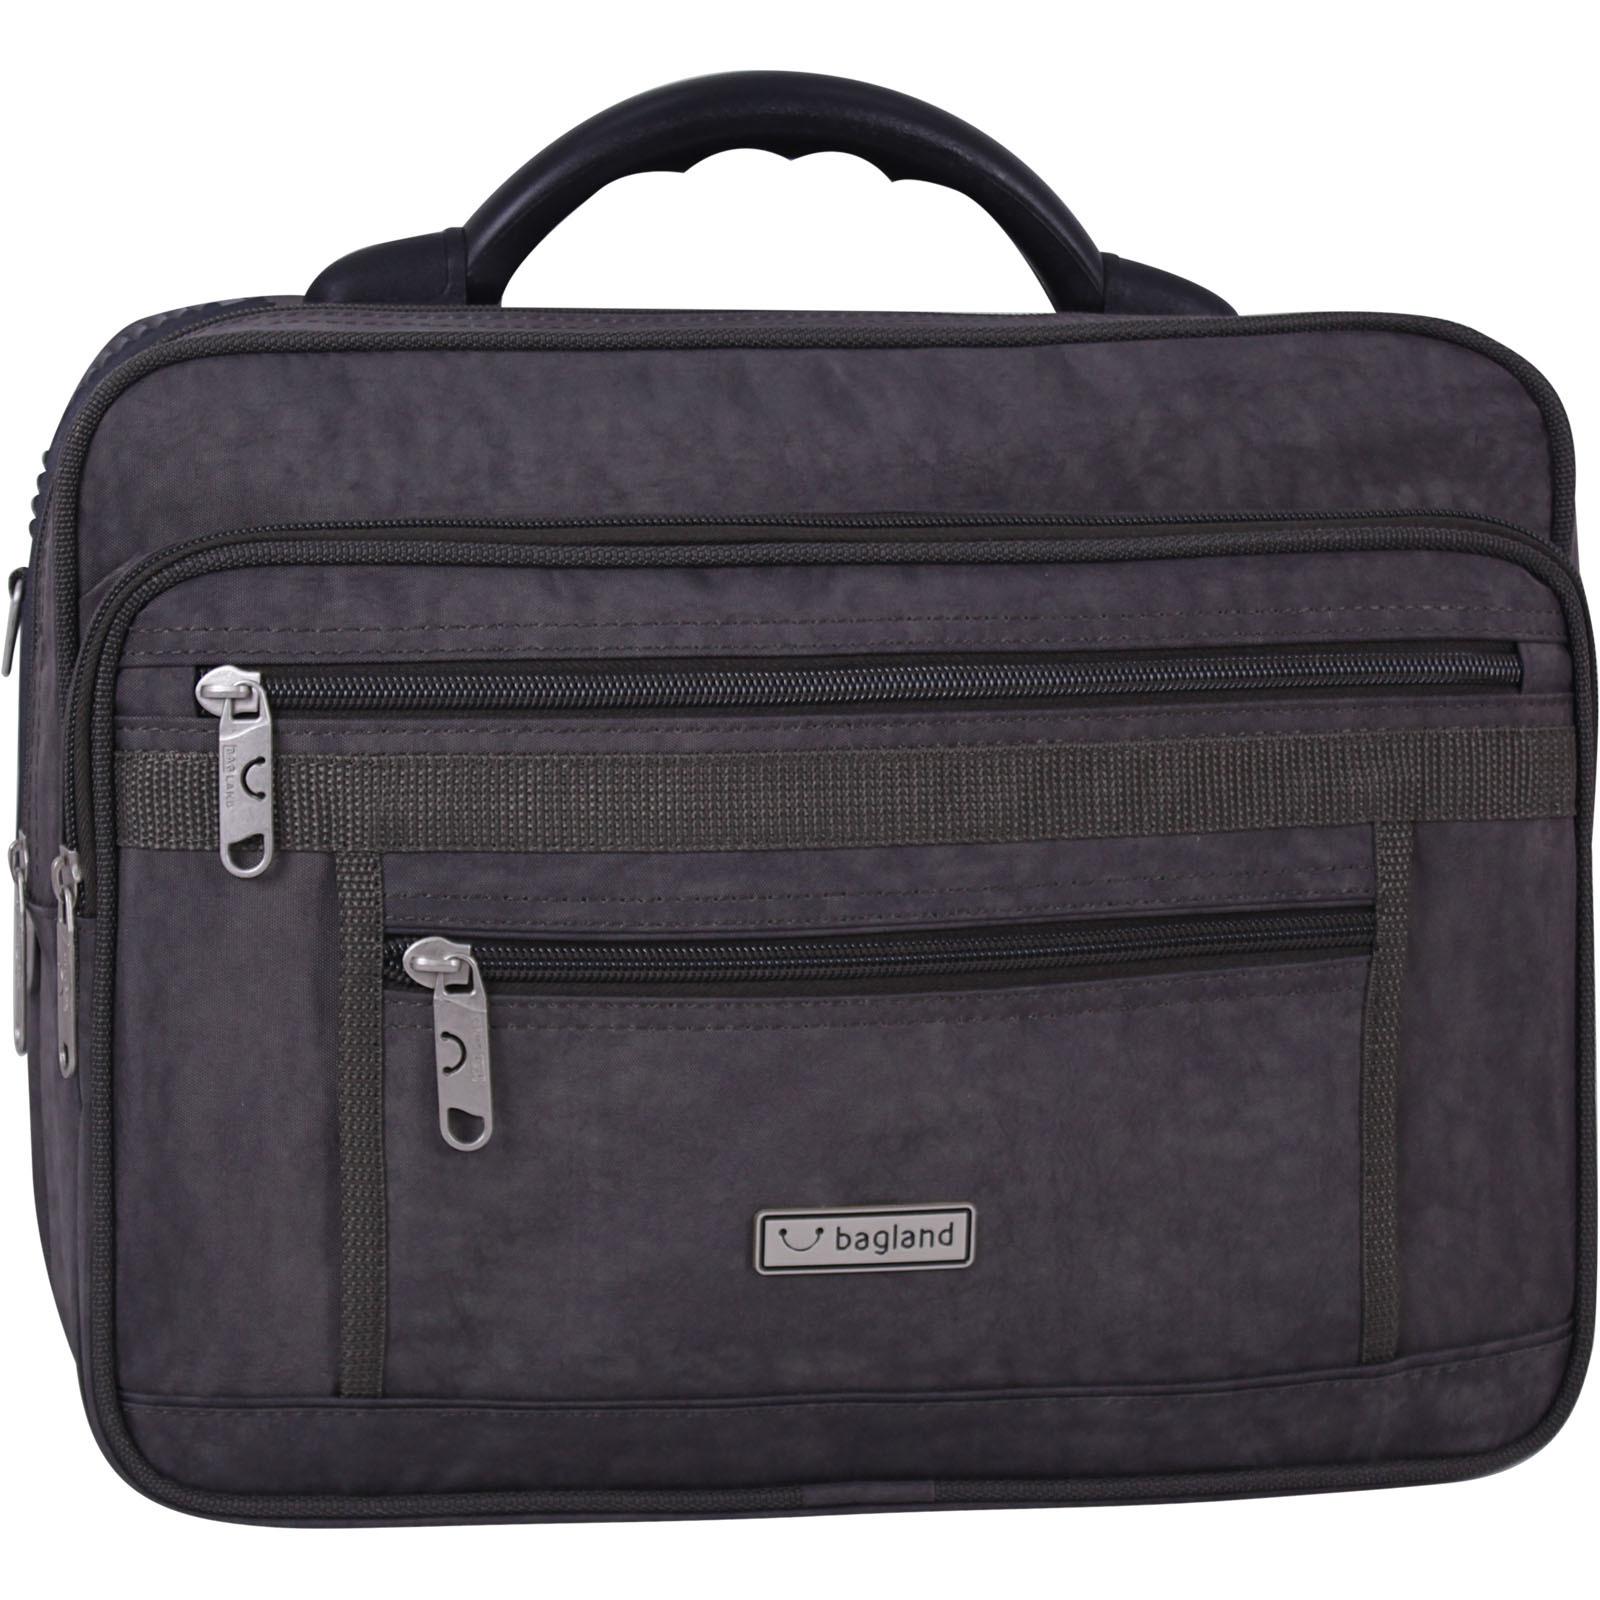 Сумки через плечо Мужская сумка Bagland Mr.Cool 15 л. Хаки (0025170) IMG_9449-1600.jpg